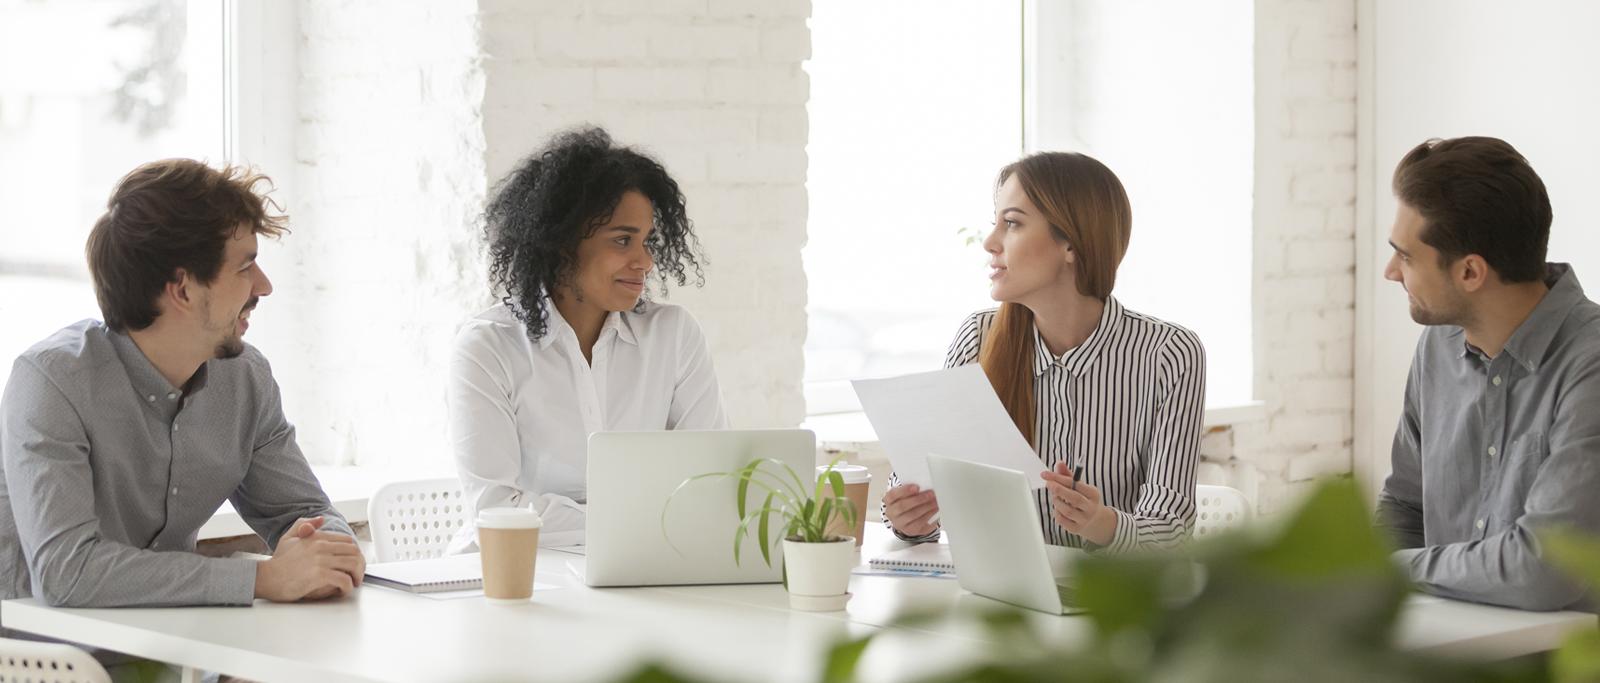 Estrutura de vendas B2B: entenda como funciona e boas práticas para montar uma estratégia de sucesso